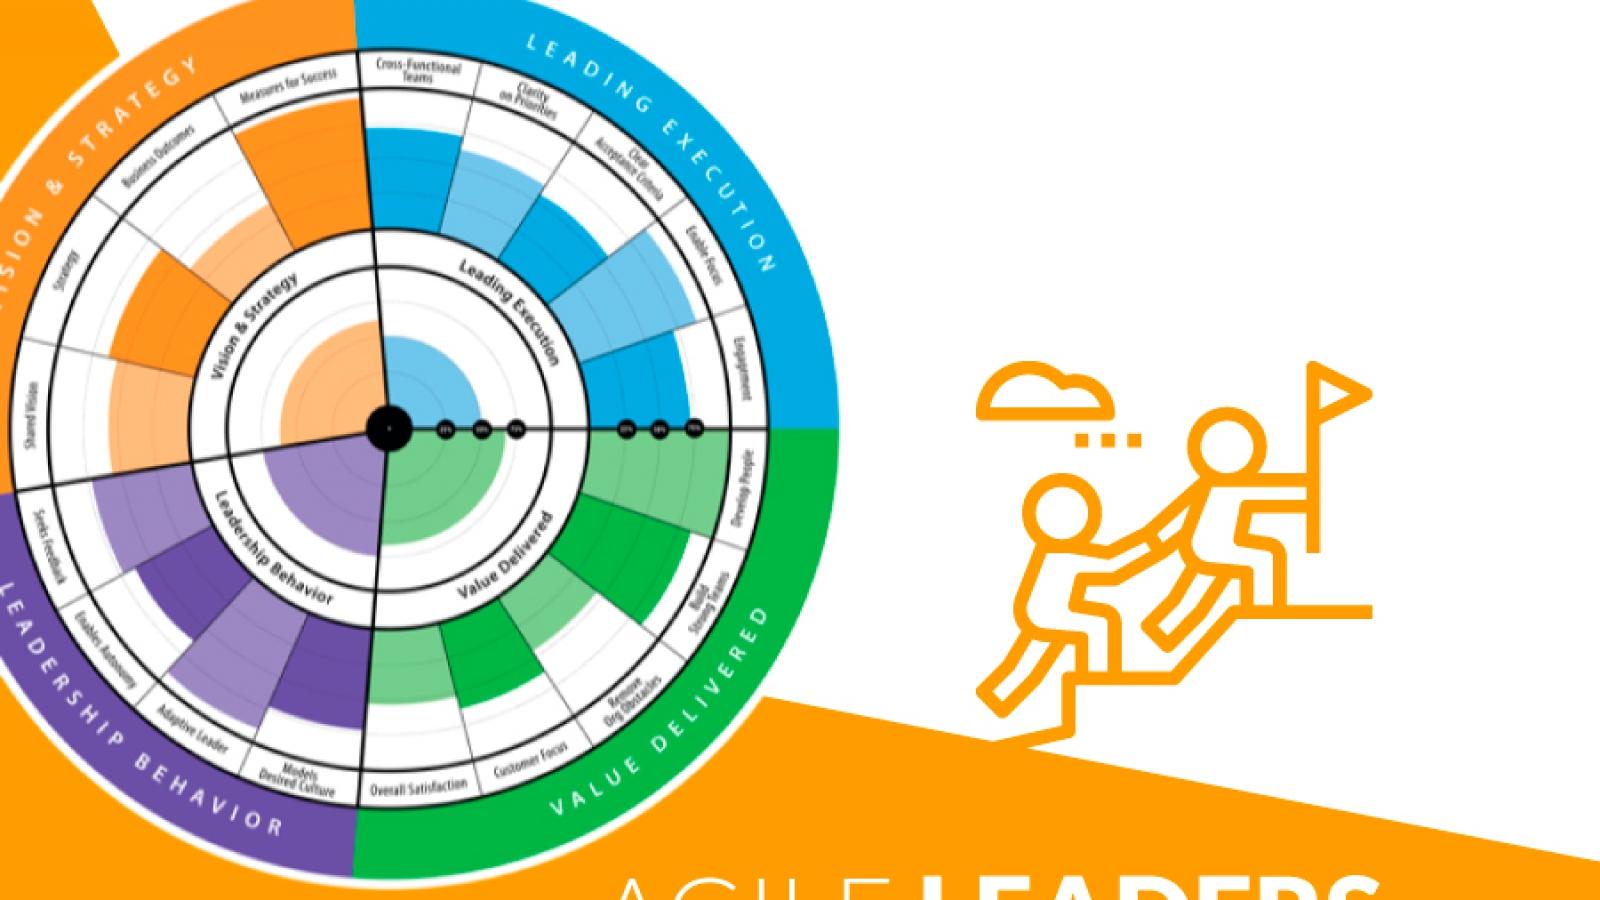 agile-leaders